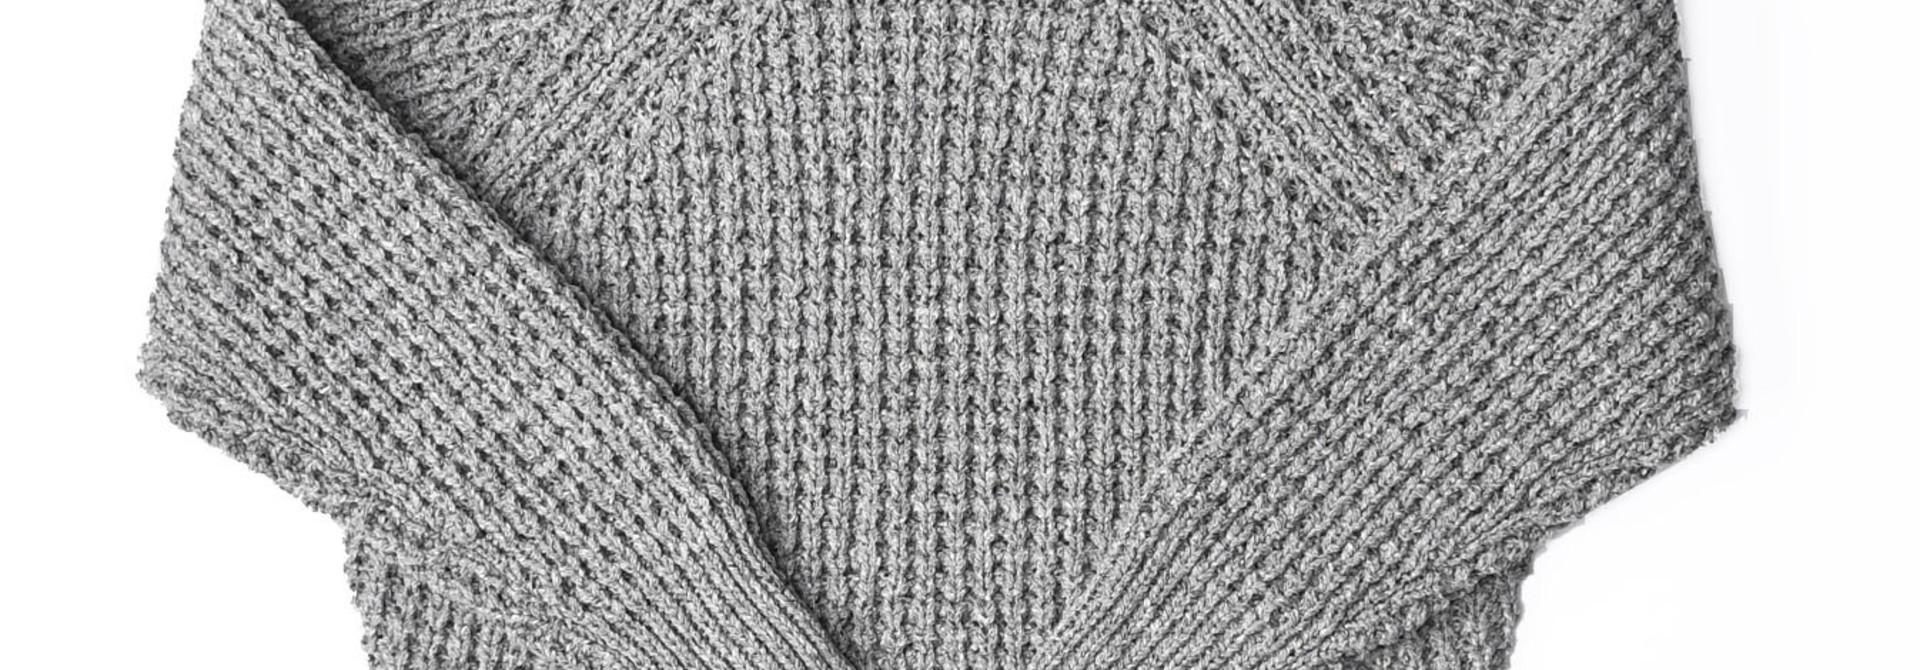 Cotton Knit-sew Big Waffle Sweater